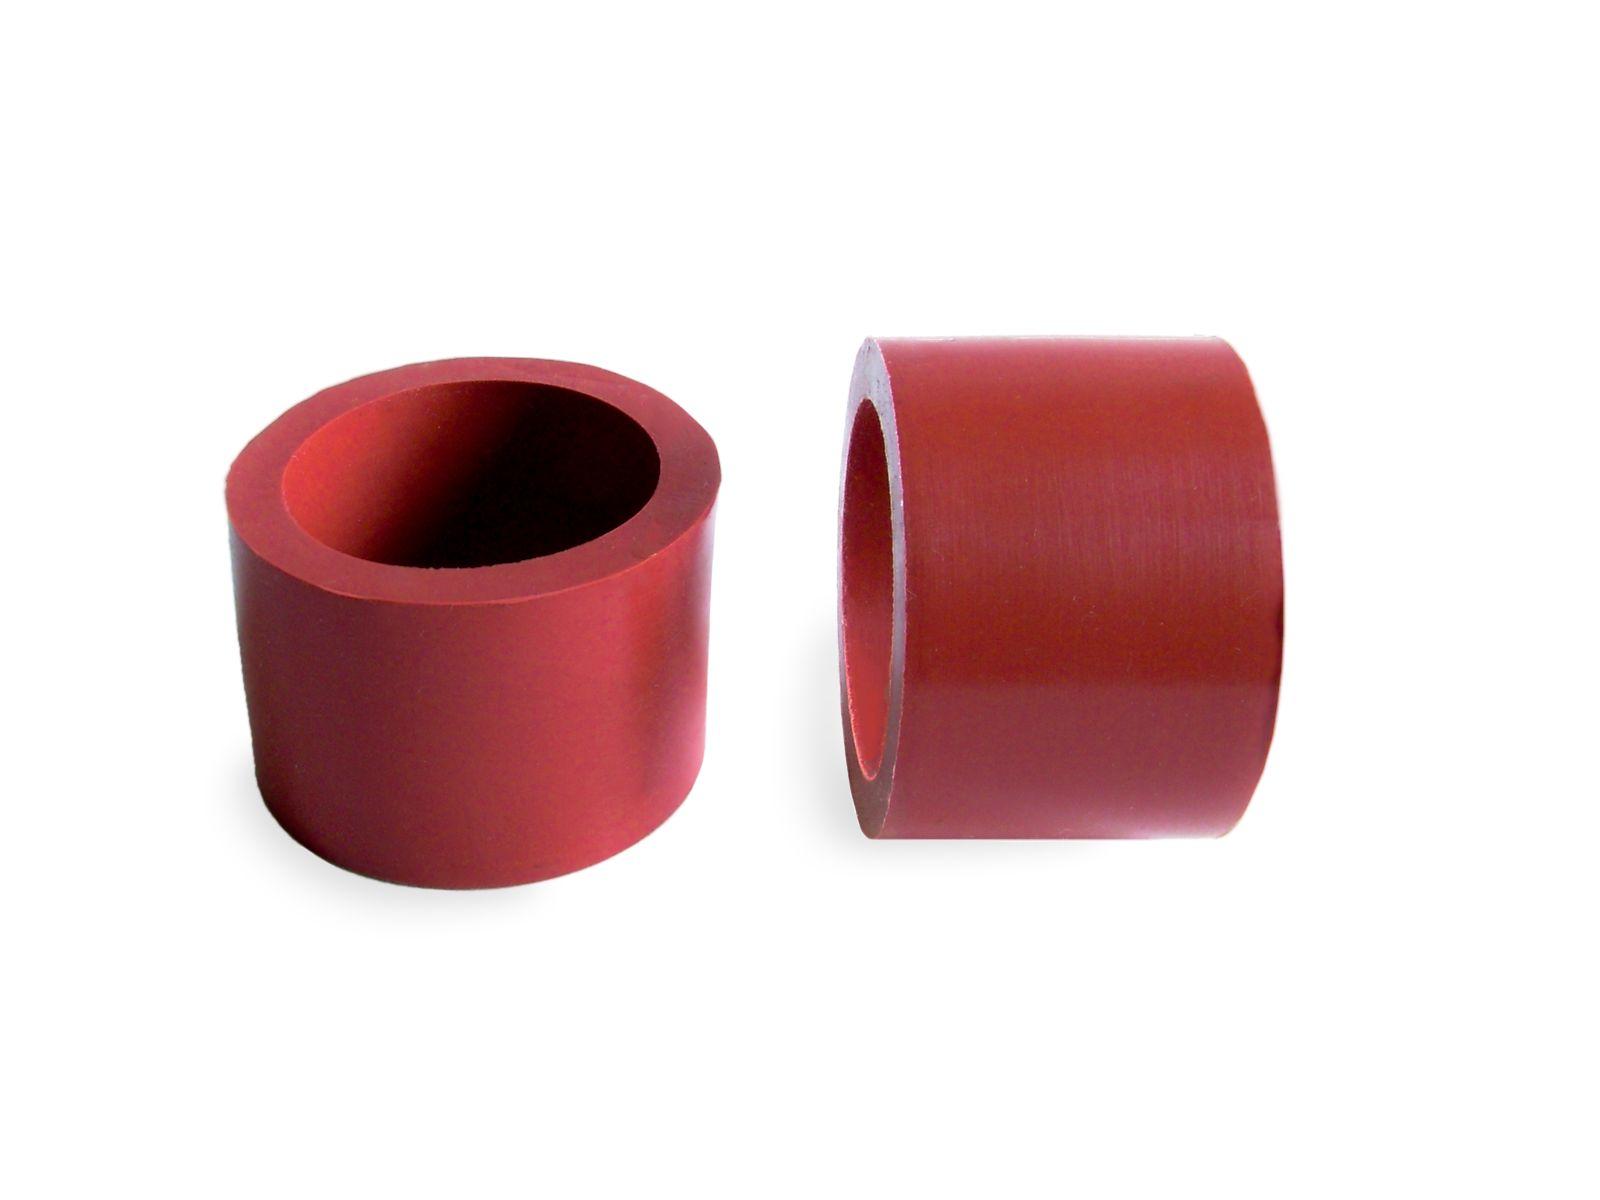 I particolari in gomma siliconica sono disponibili in diverse colorazioni con durezze che variano dai 30 ai 65 shore